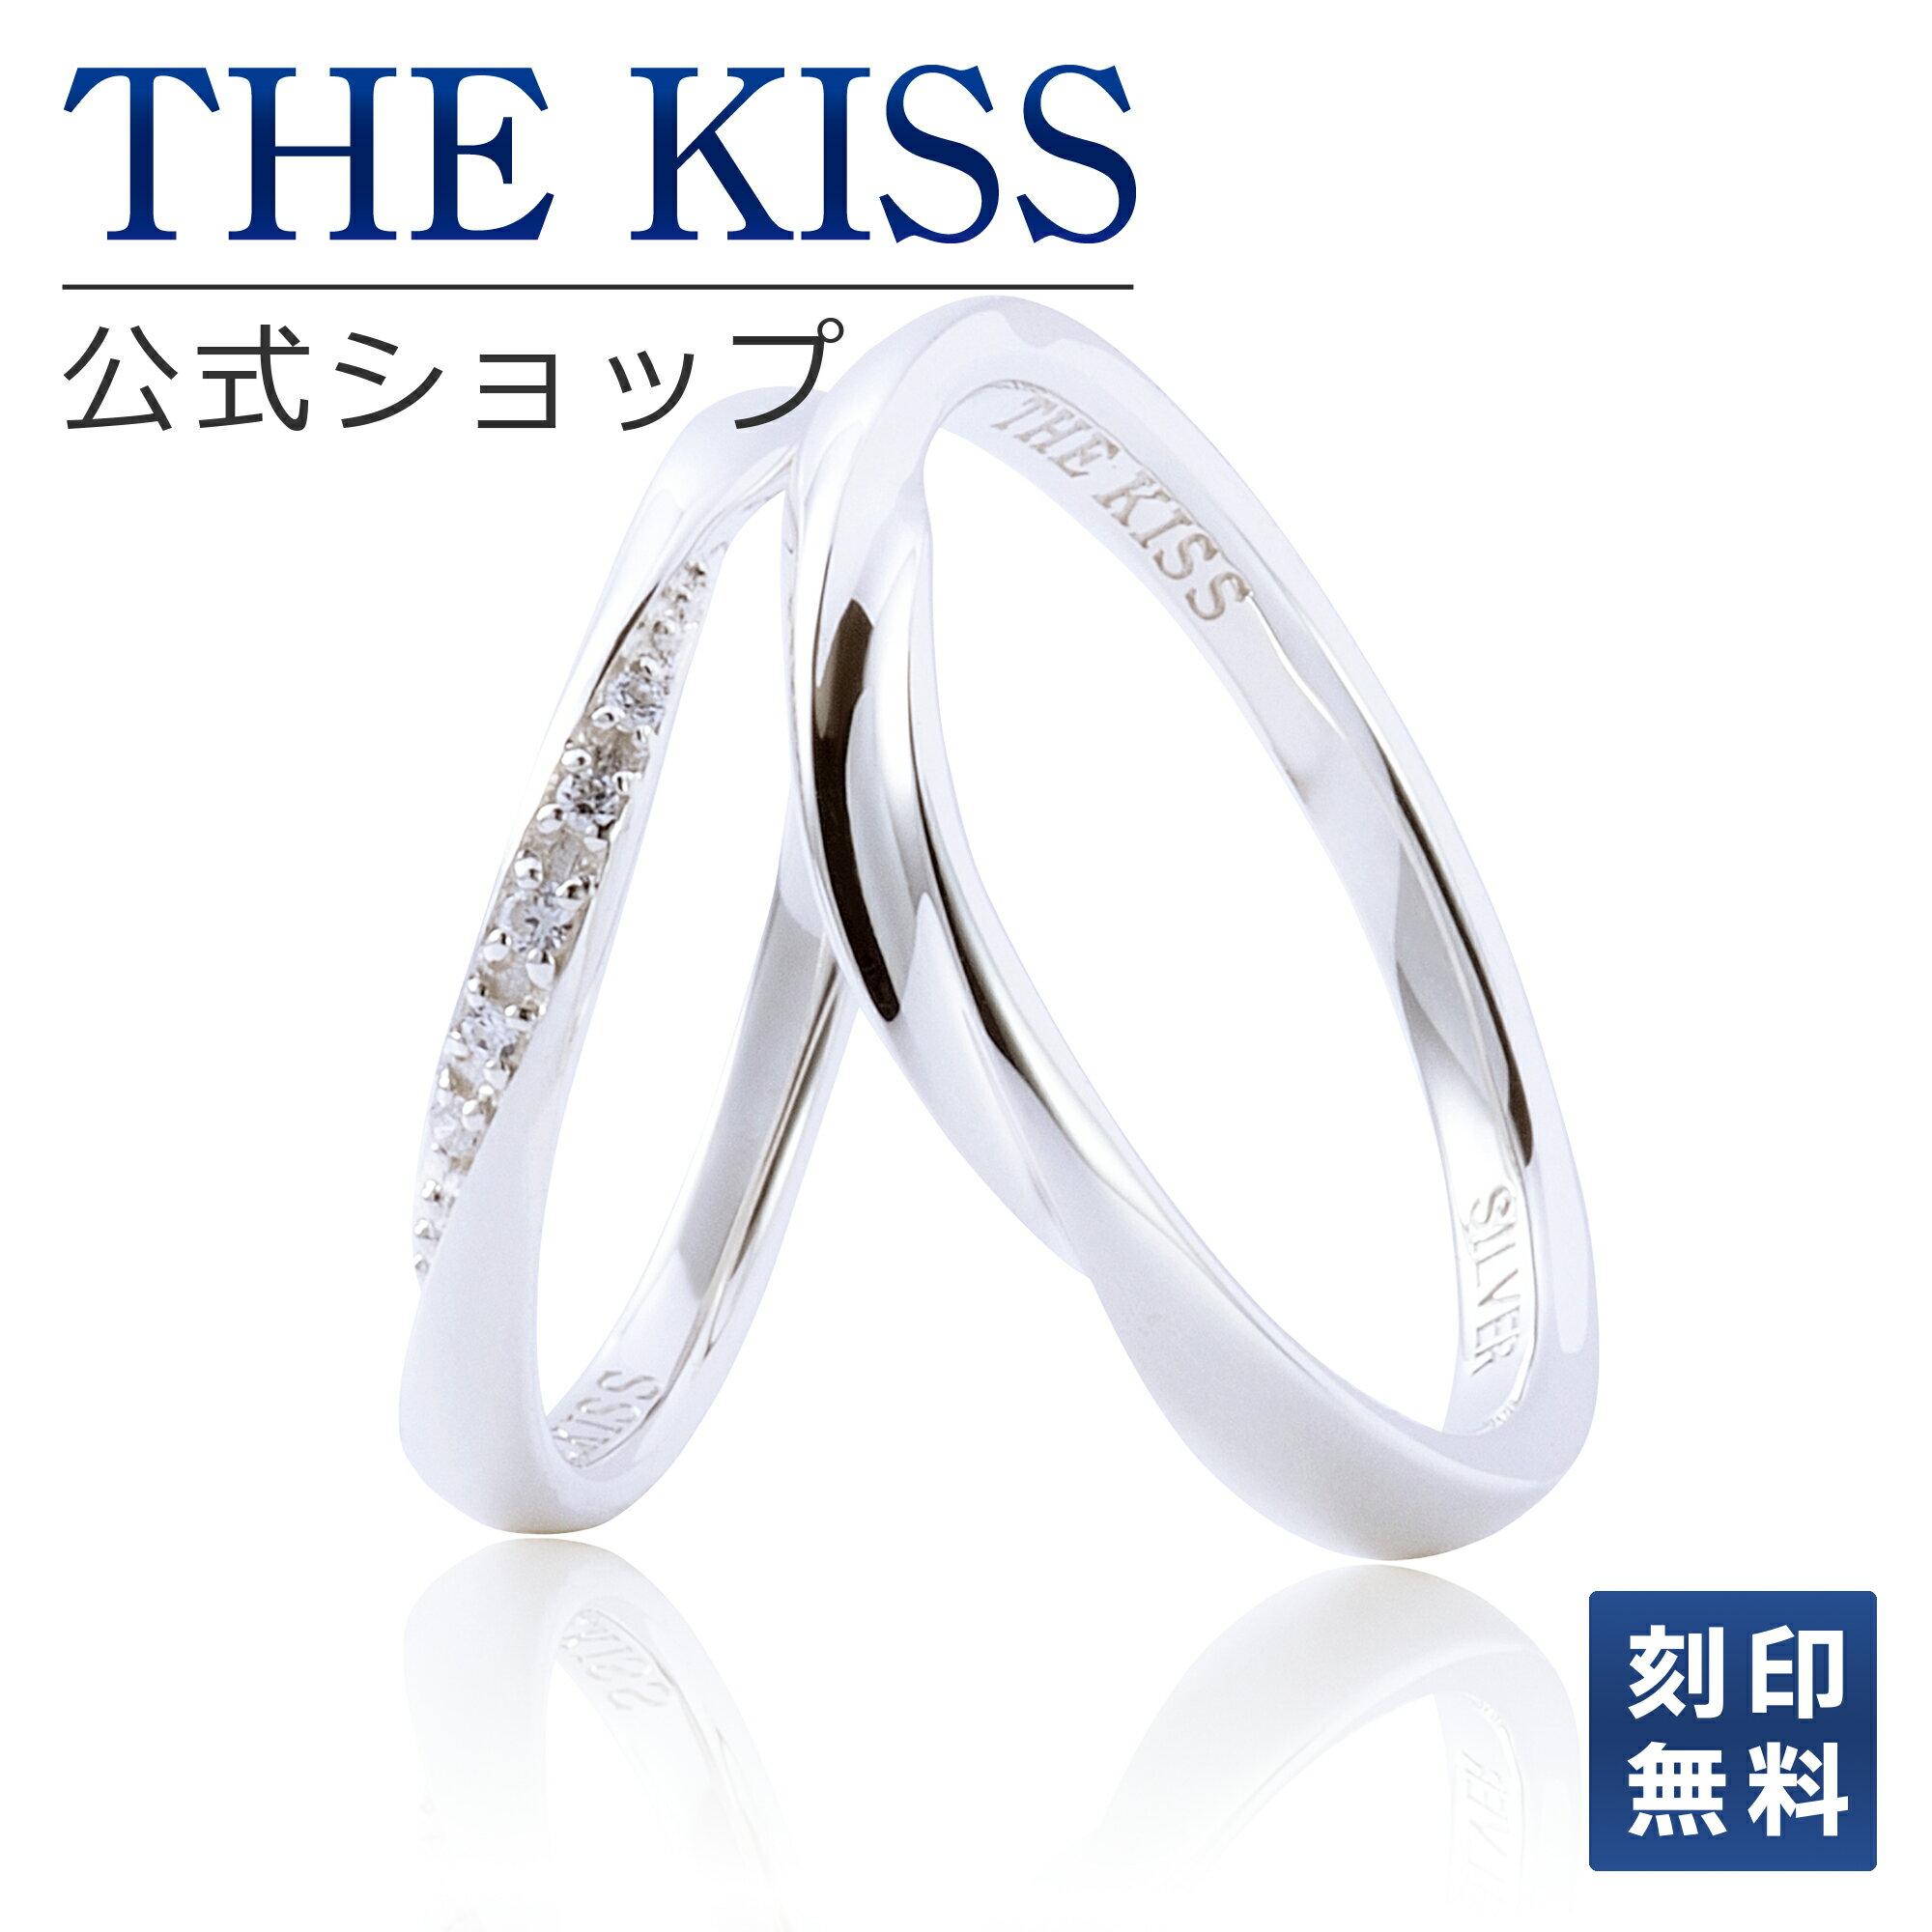 【あす楽対応】THE KISS 公式サイト マリッジリング 結婚指輪 シルバー ペアリング ペアアクセサリー カップル に 人気 の ジュエリーブランド THEKISS ペア リング・指輪 記念日 プレゼント SR1844CB-1845 ザキス 【送料無料】